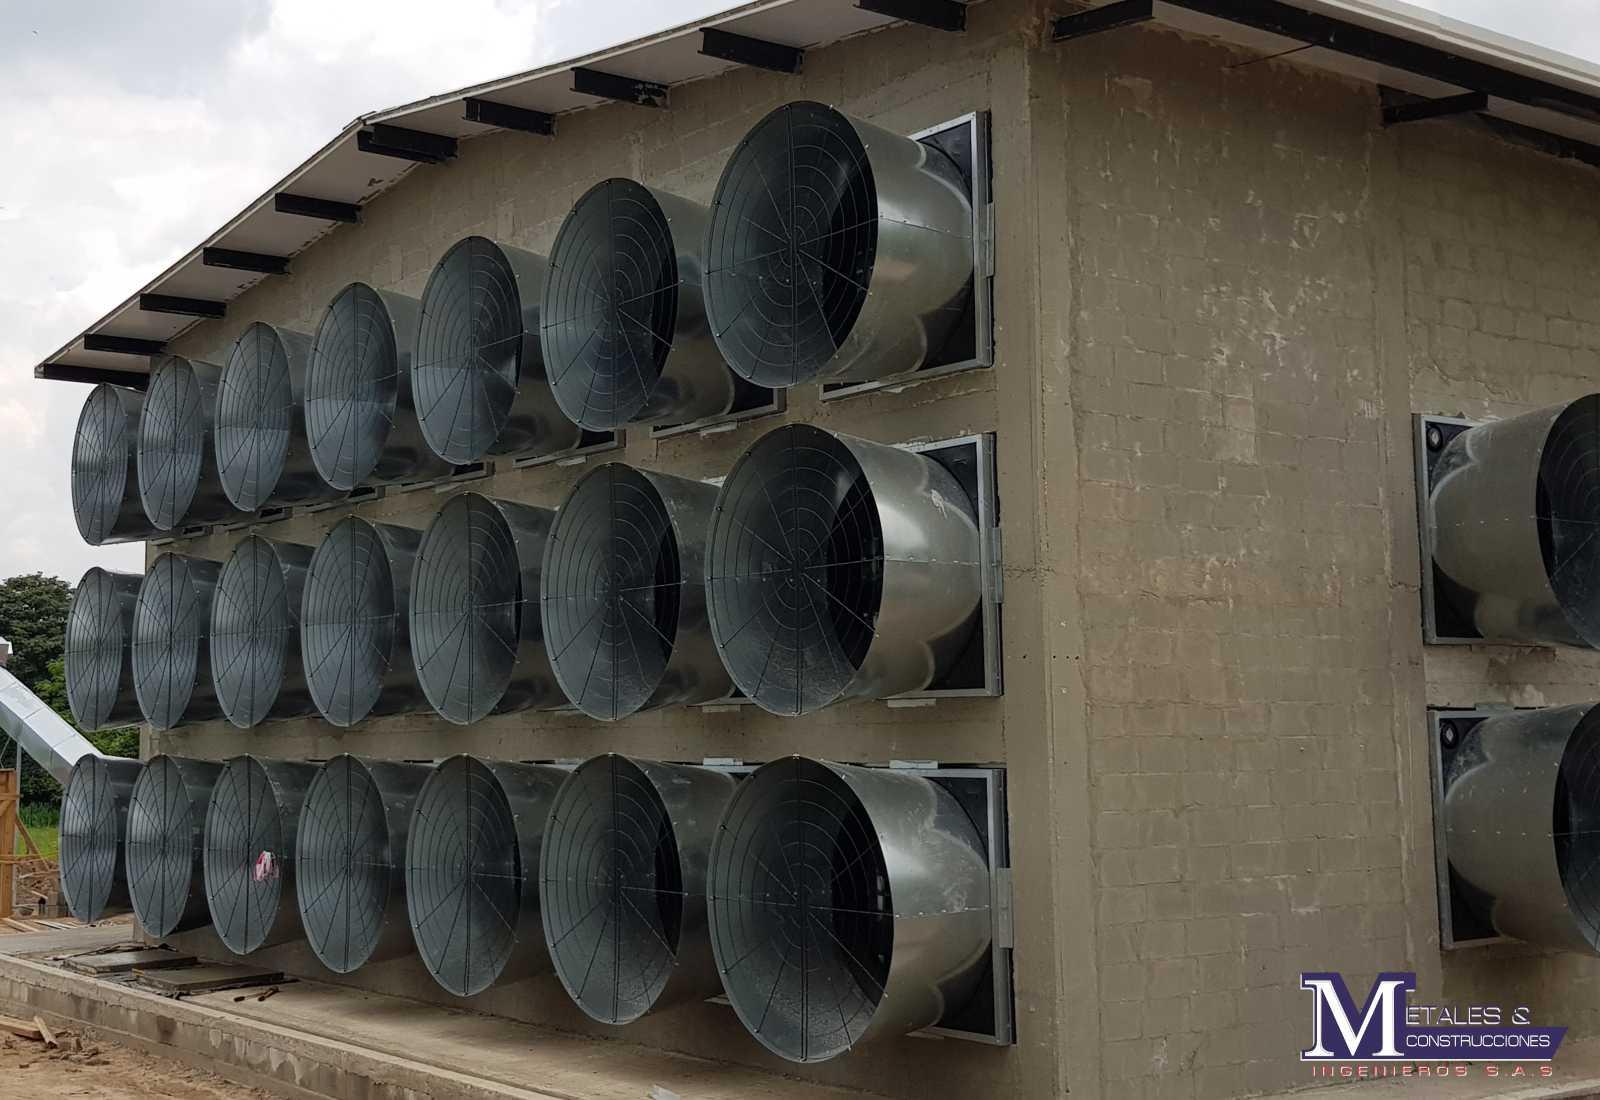 Ambiente Controlado Metales y Construcciones 2007